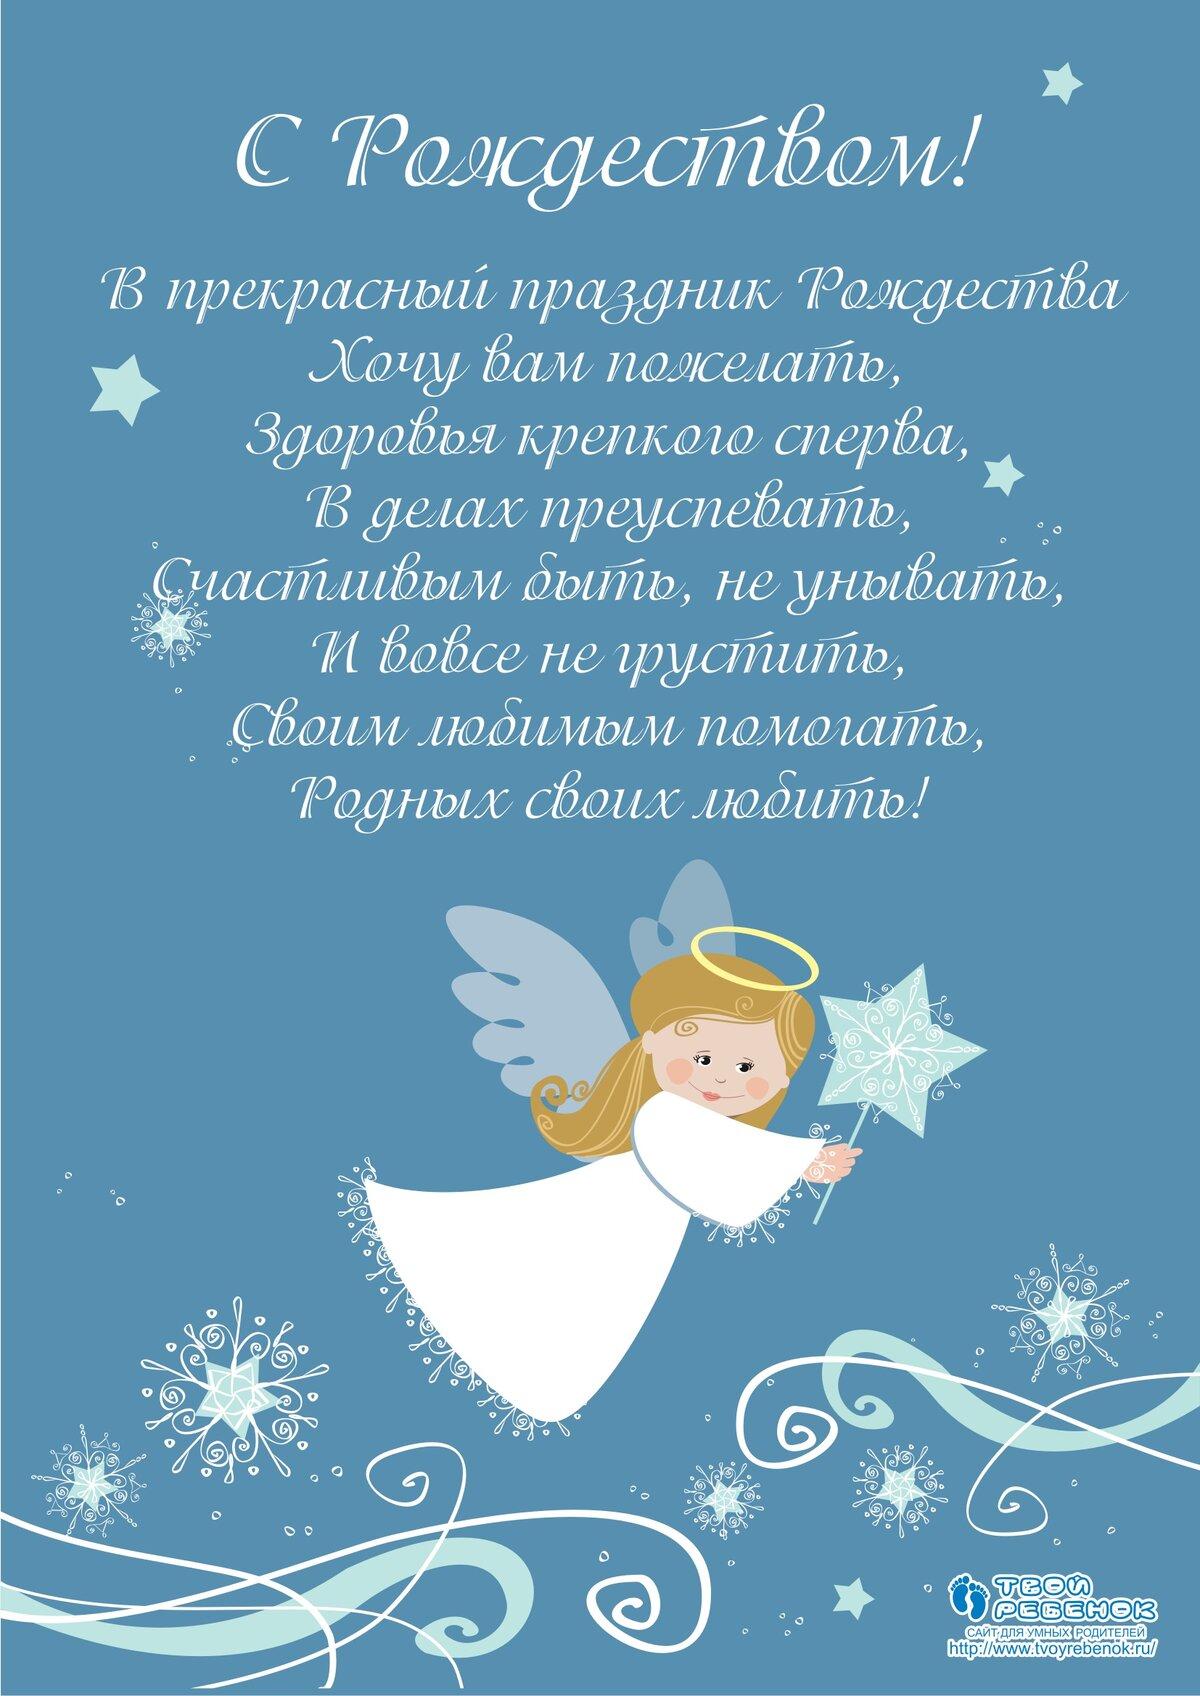 открытки с рождеством для мужчин взрослому